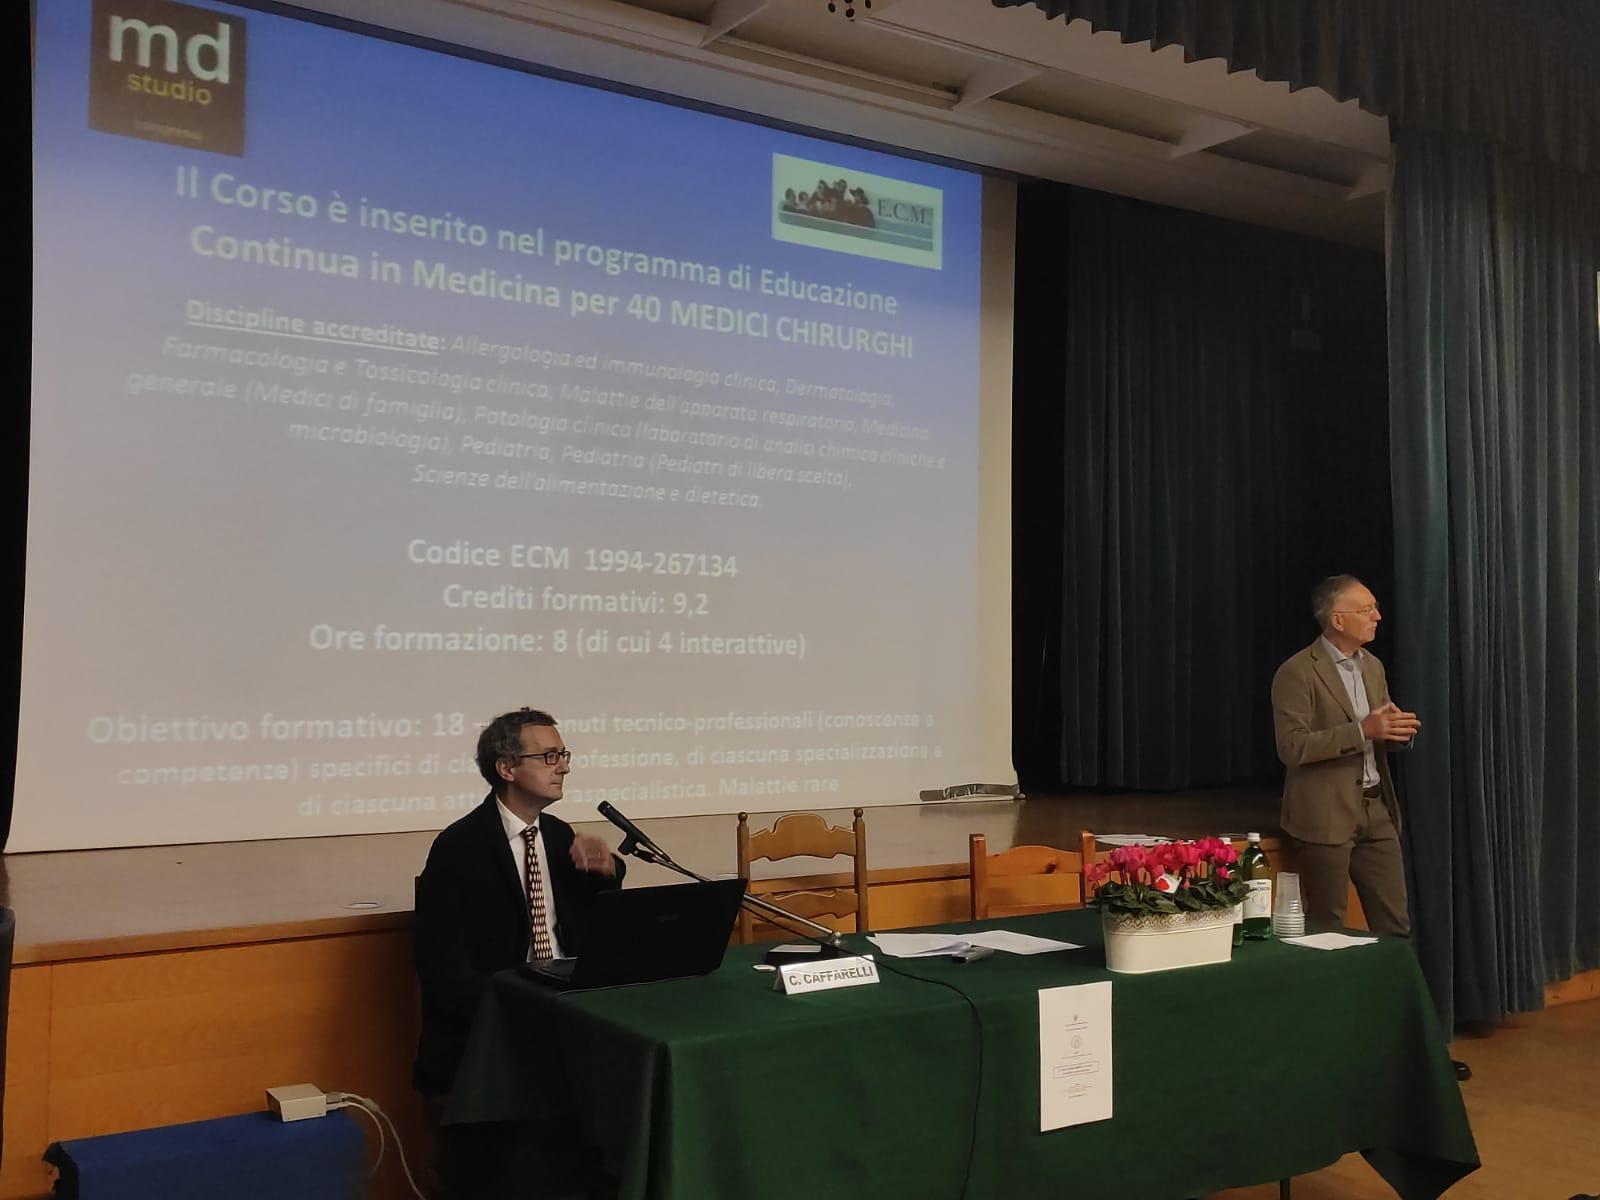 L'esperto professor Caffarelli dell'universita' di Parma